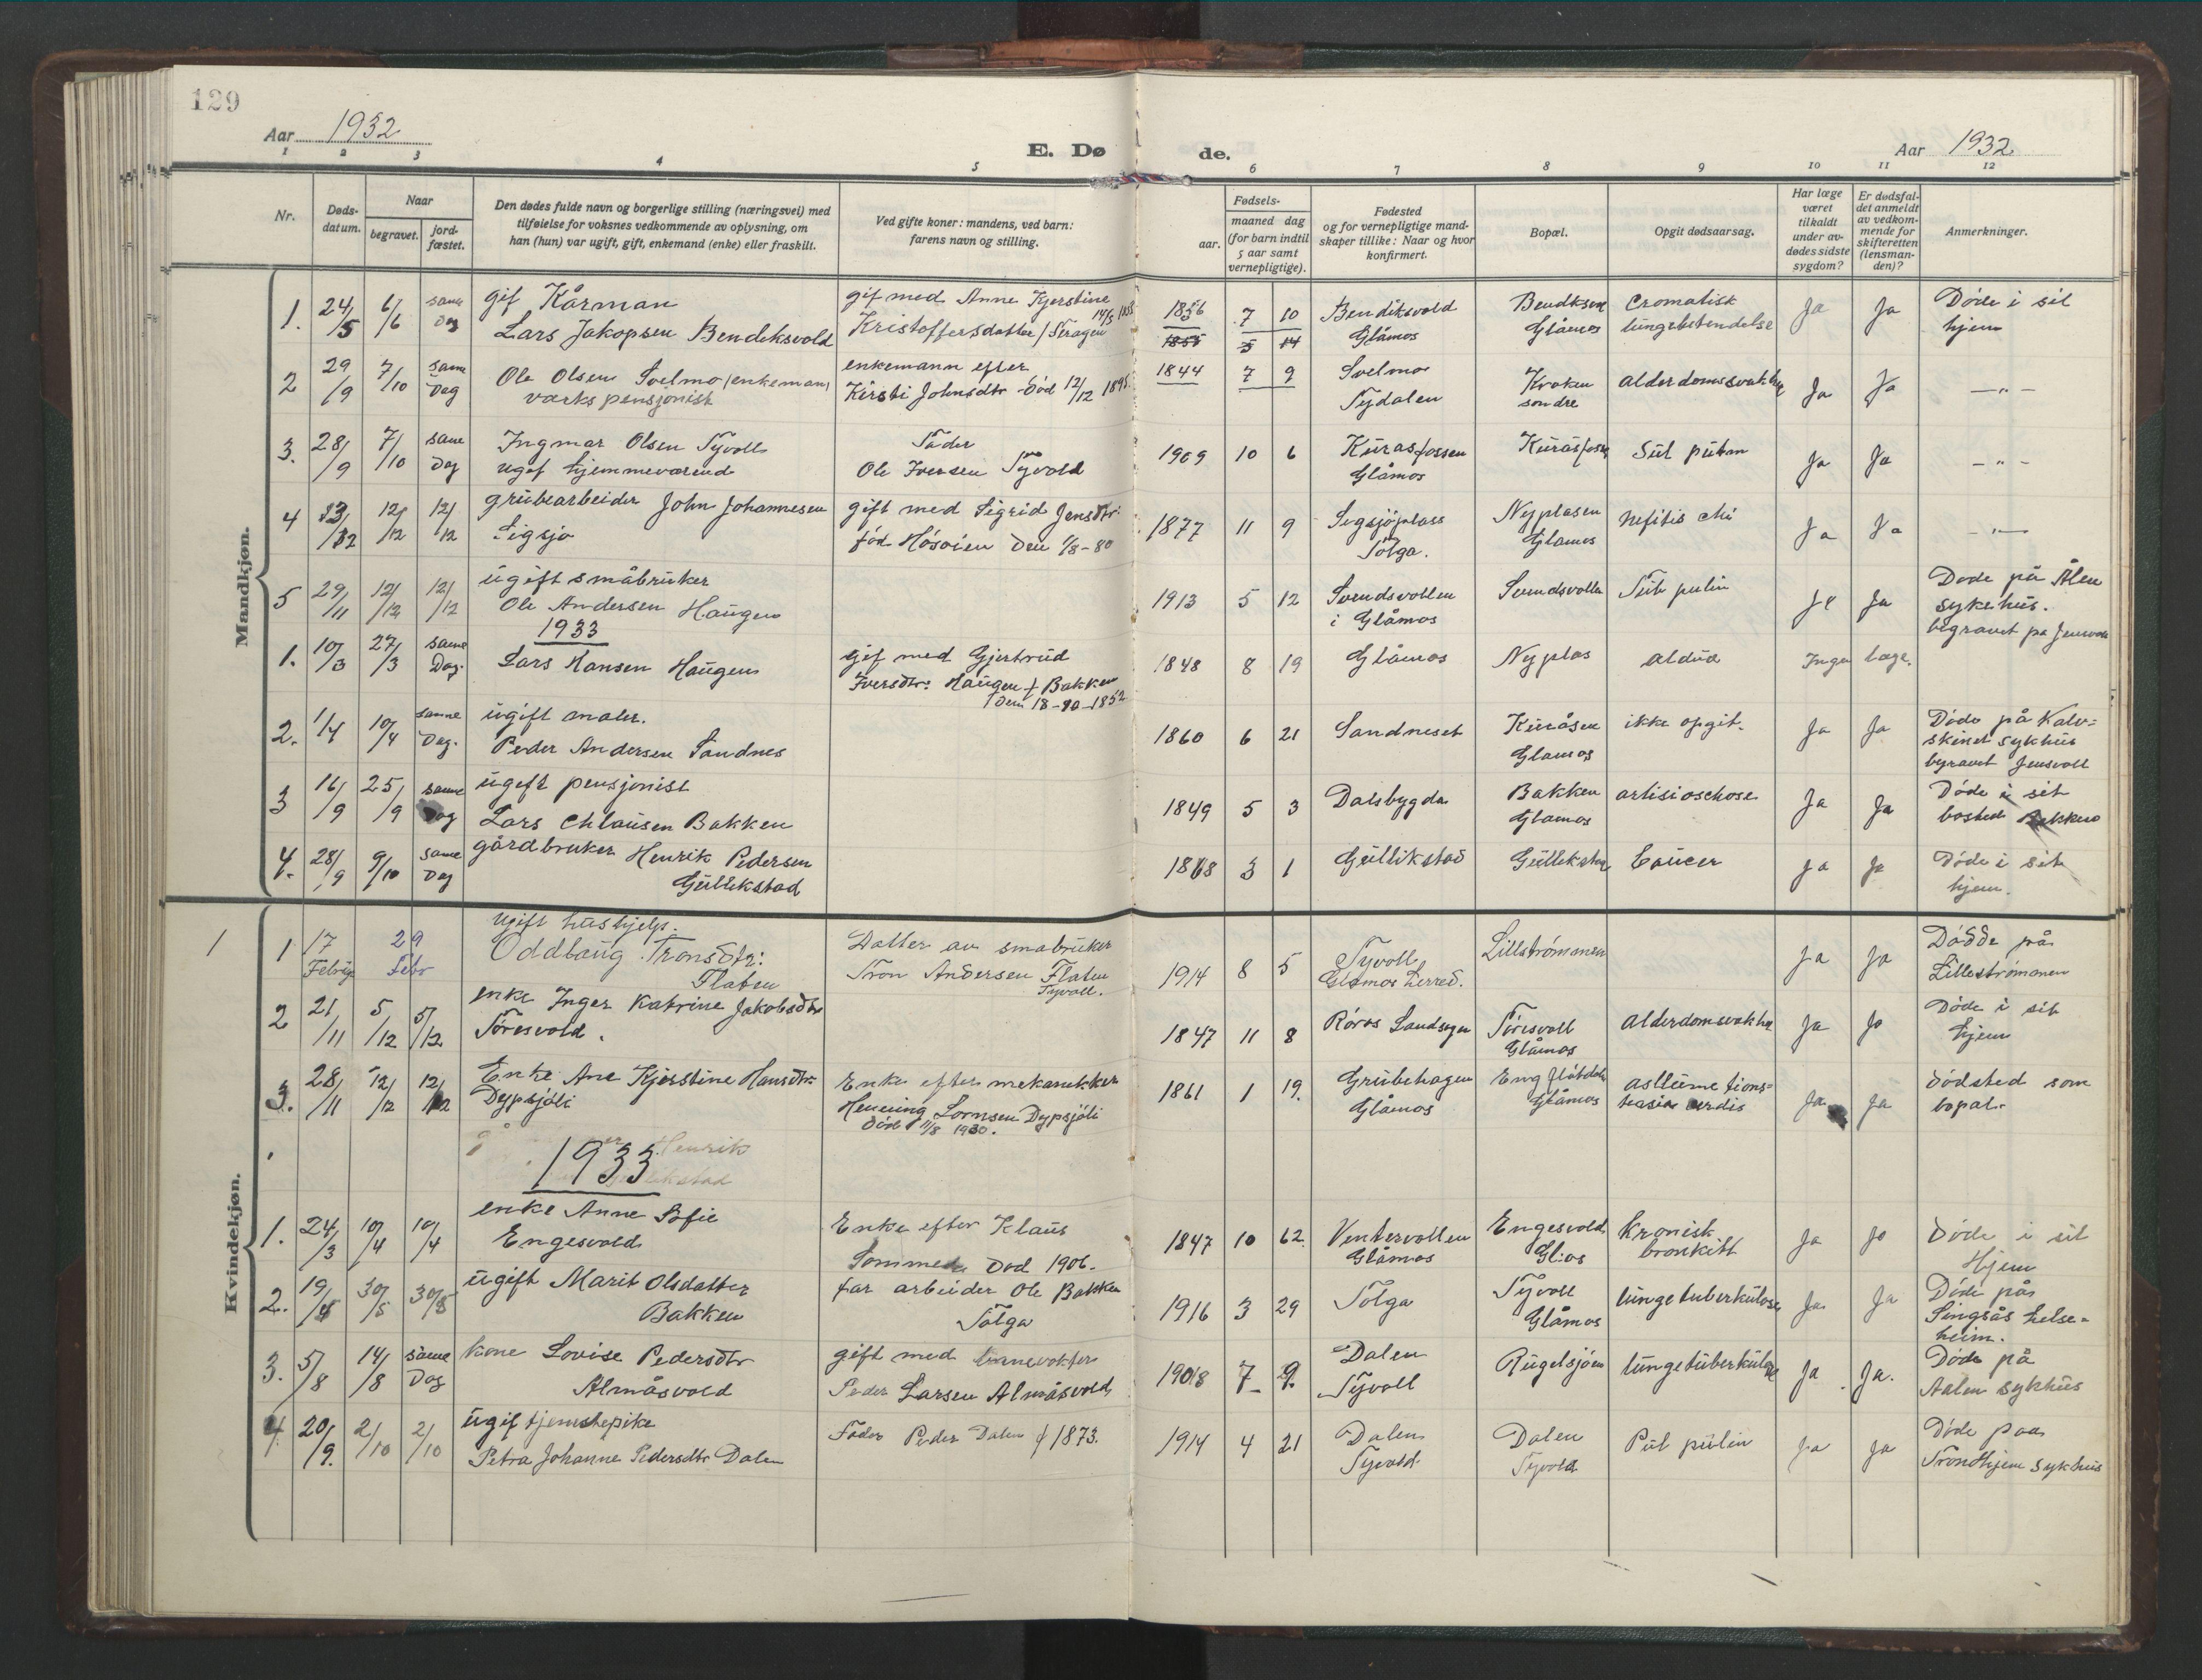 SAT, Ministerialprotokoller, klokkerbøker og fødselsregistre - Sør-Trøndelag, 682/L0947: Klokkerbok nr. 682C01, 1926-1968, s. 129